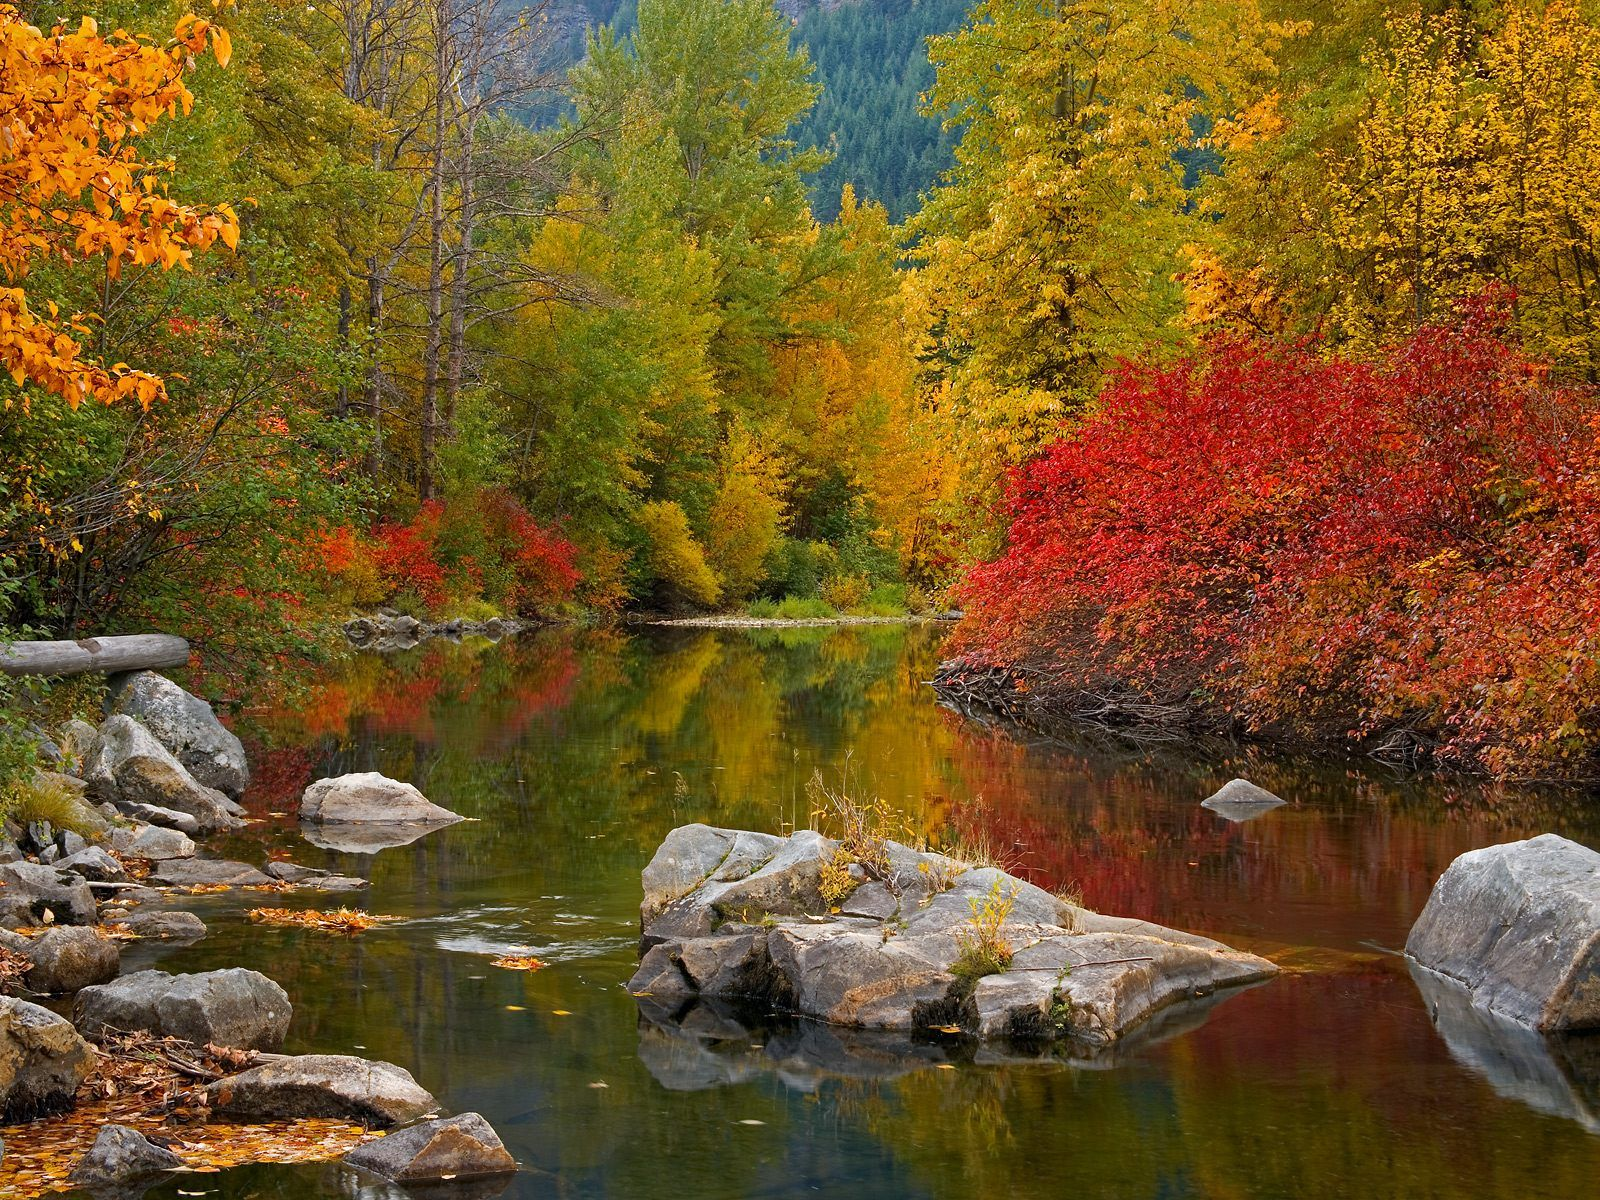 fond d ecran paysage automne 02 paysages et nature pinterest paysage automne cran et automne. Black Bedroom Furniture Sets. Home Design Ideas